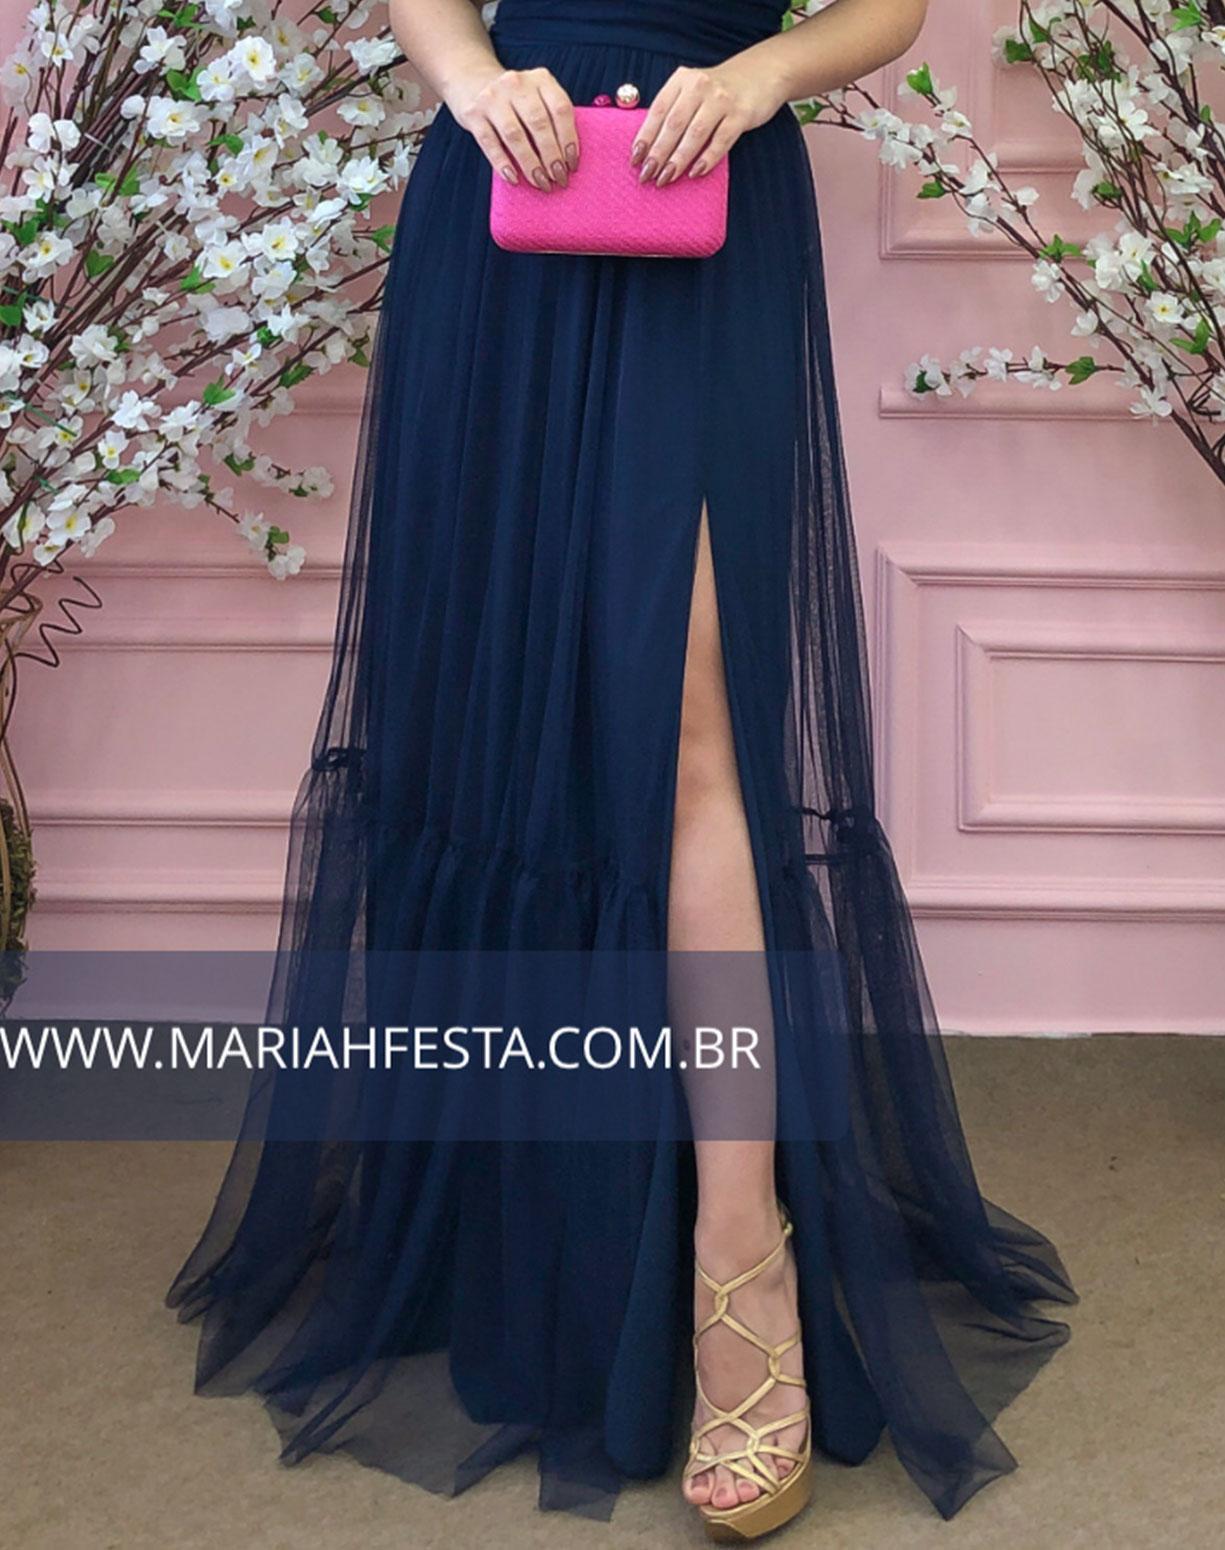 Vestido Azul Marinho em Tule de Saia Evasê com Fenda